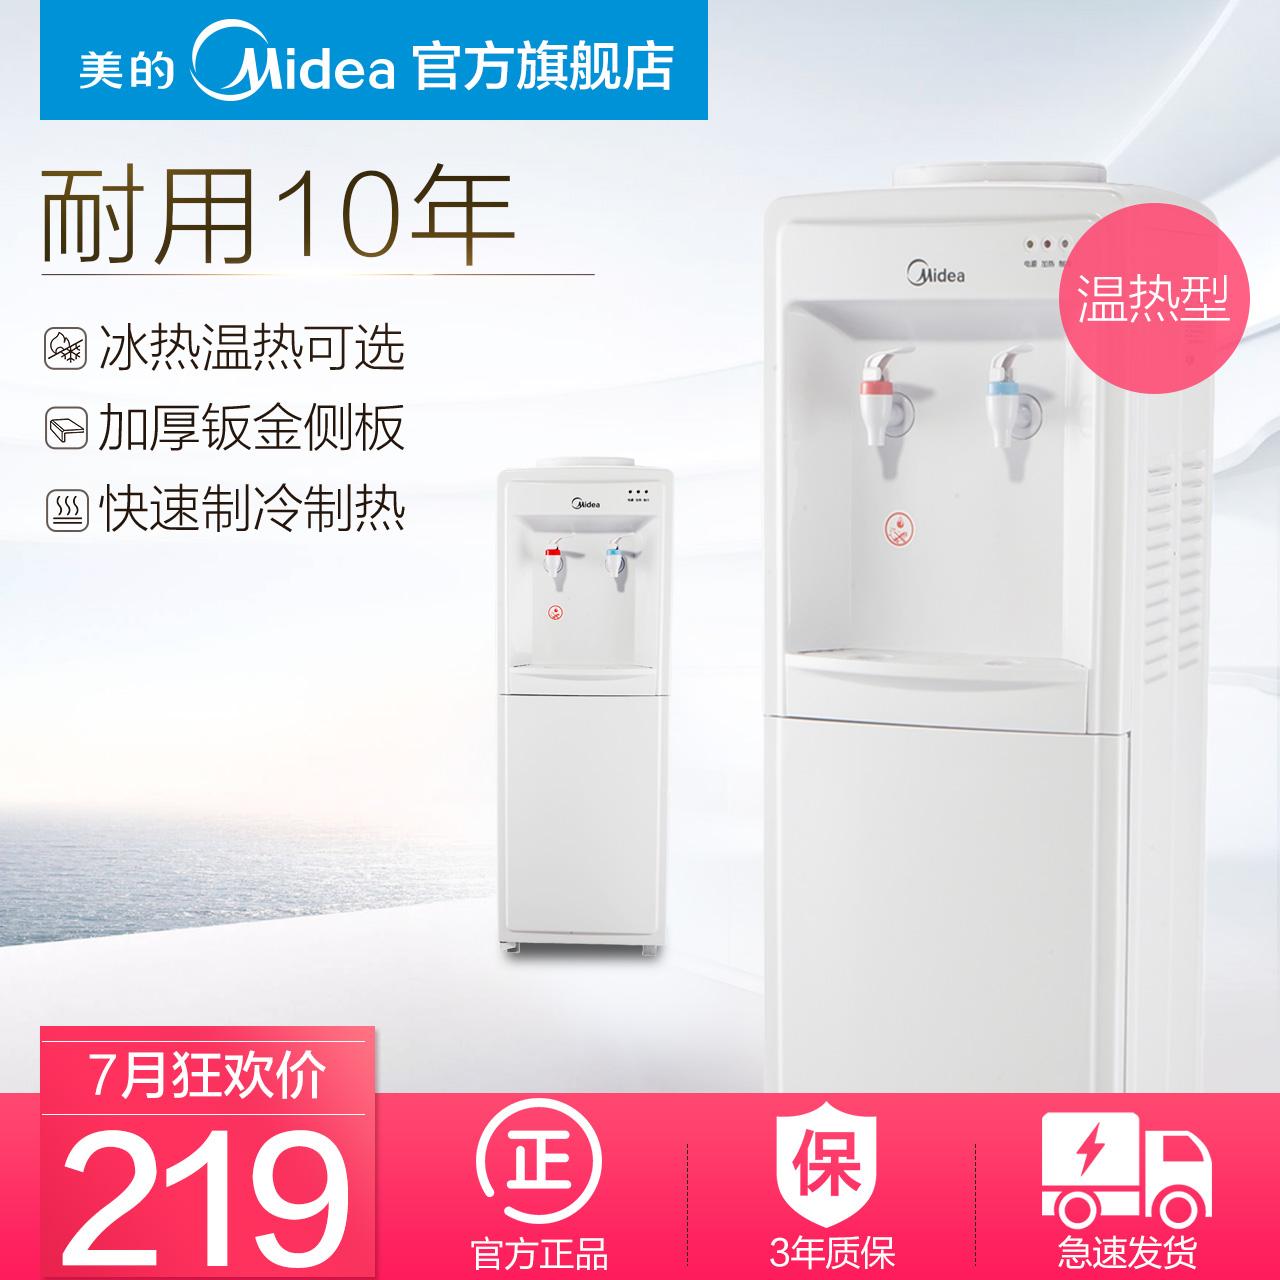 Midea/ эстетический распылитель вертикальный домой горячая и холодная охлаждение отопление лед горячей теплый MYR/MYD718S-X